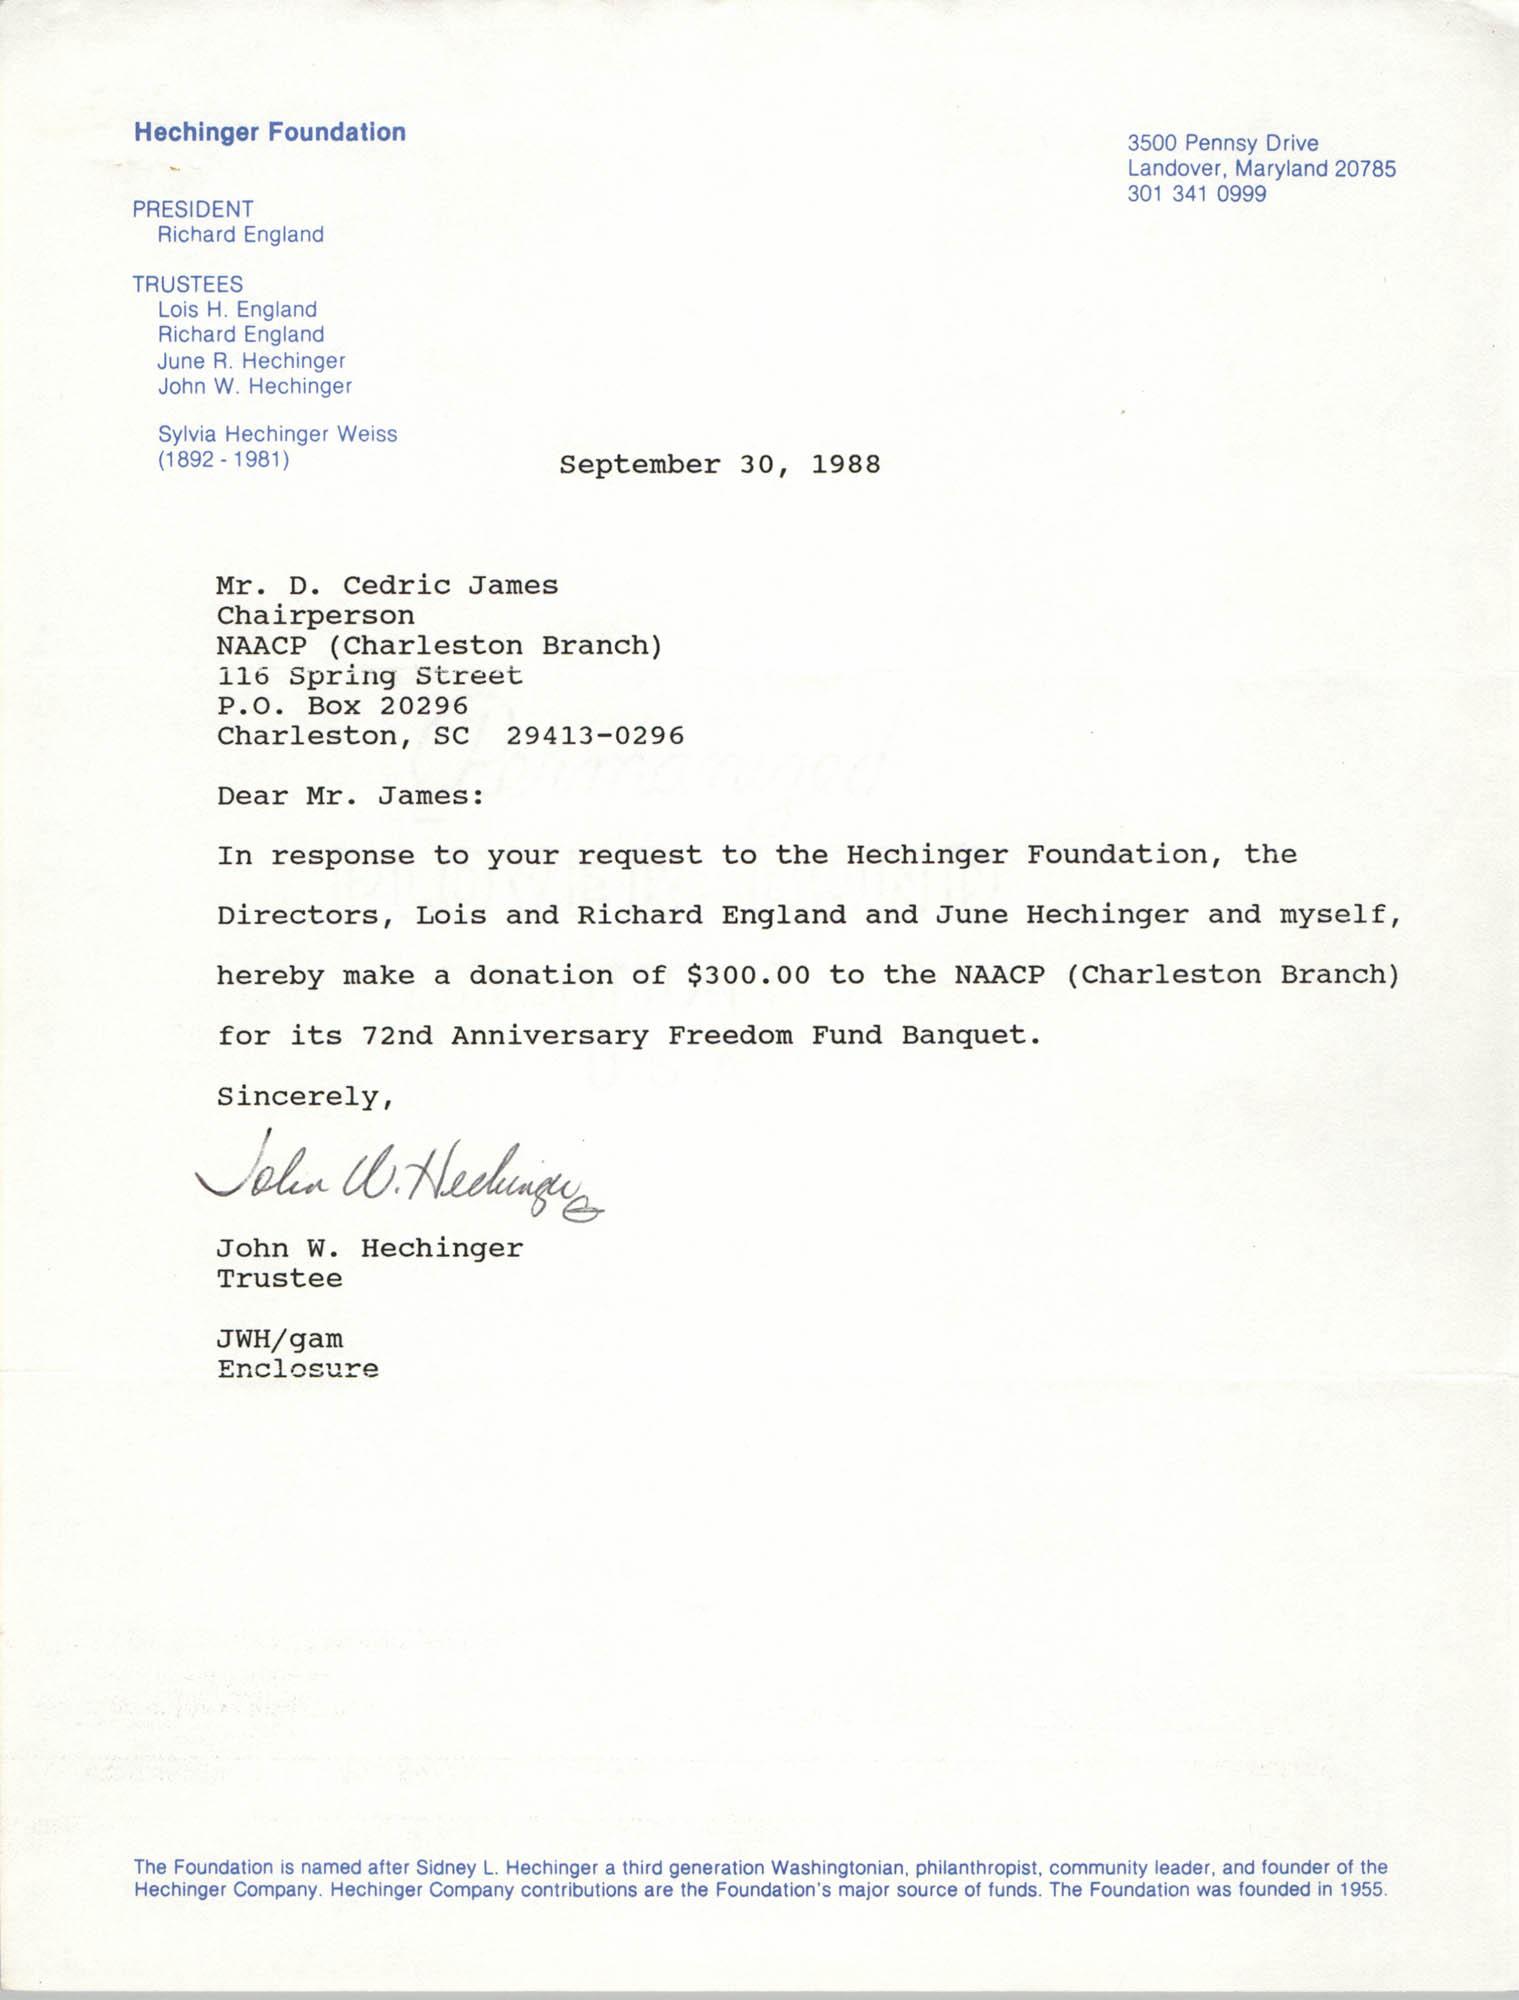 Letter from John W. Hechinger to D. Cedric James, September 30, 1988